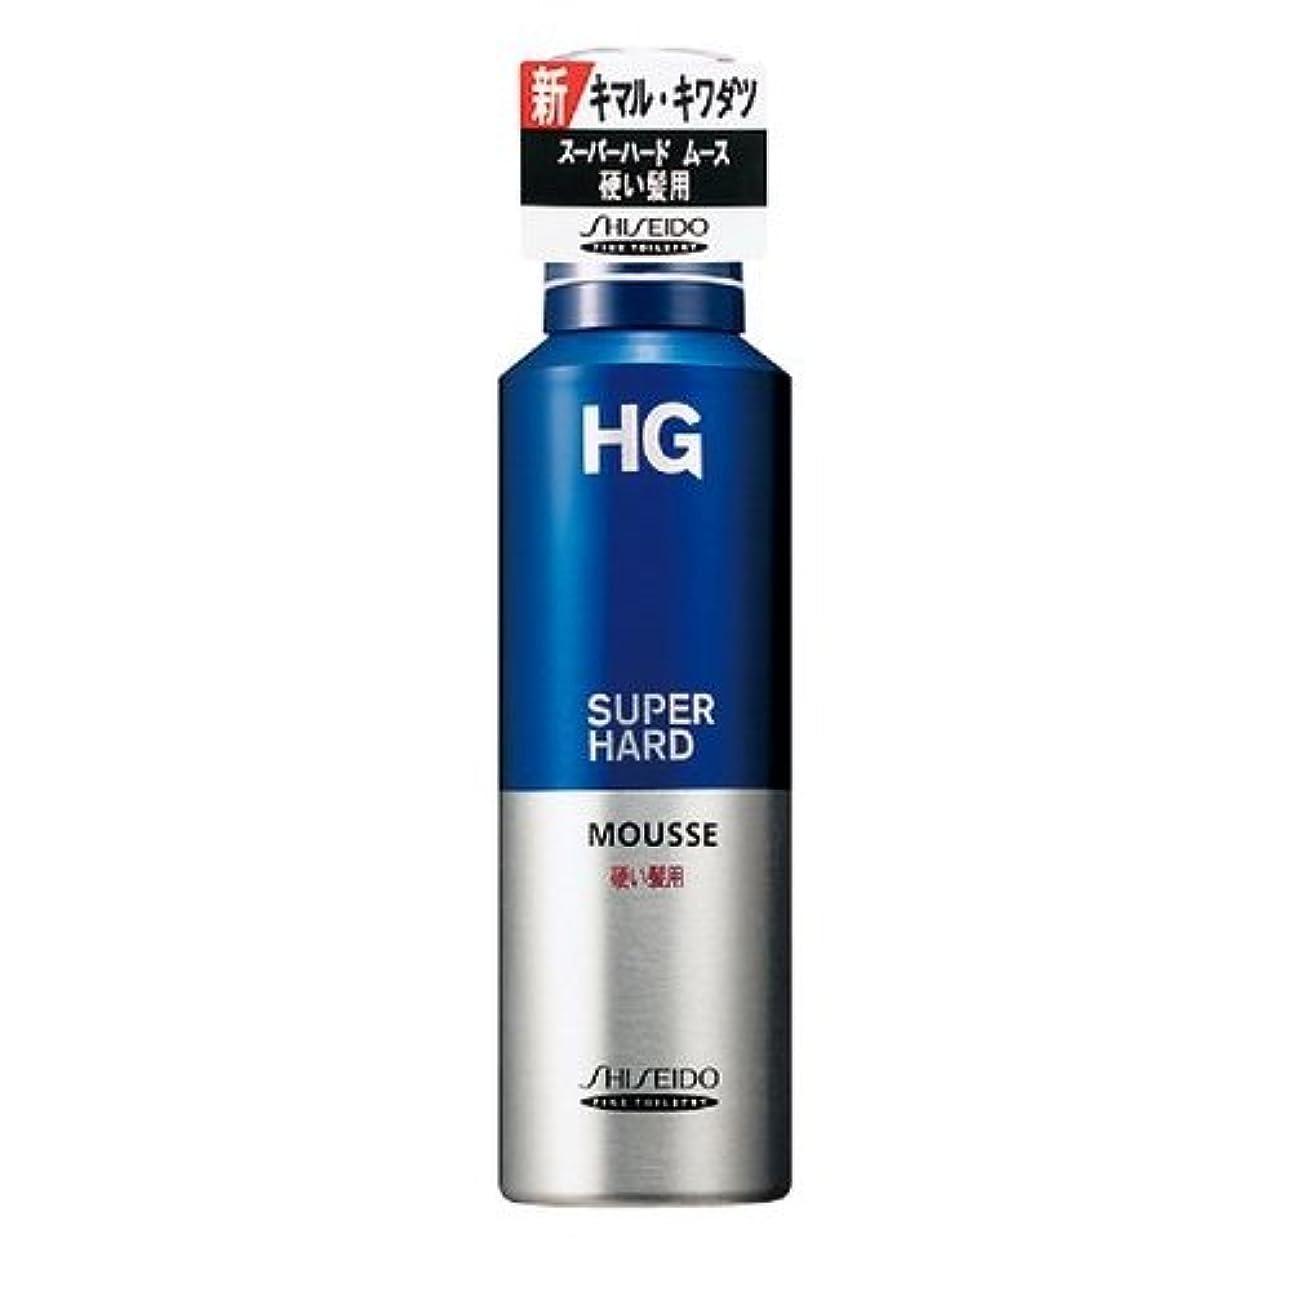 クラッチお嬢そうHG スーパーハードムース 硬い髪用a 180g